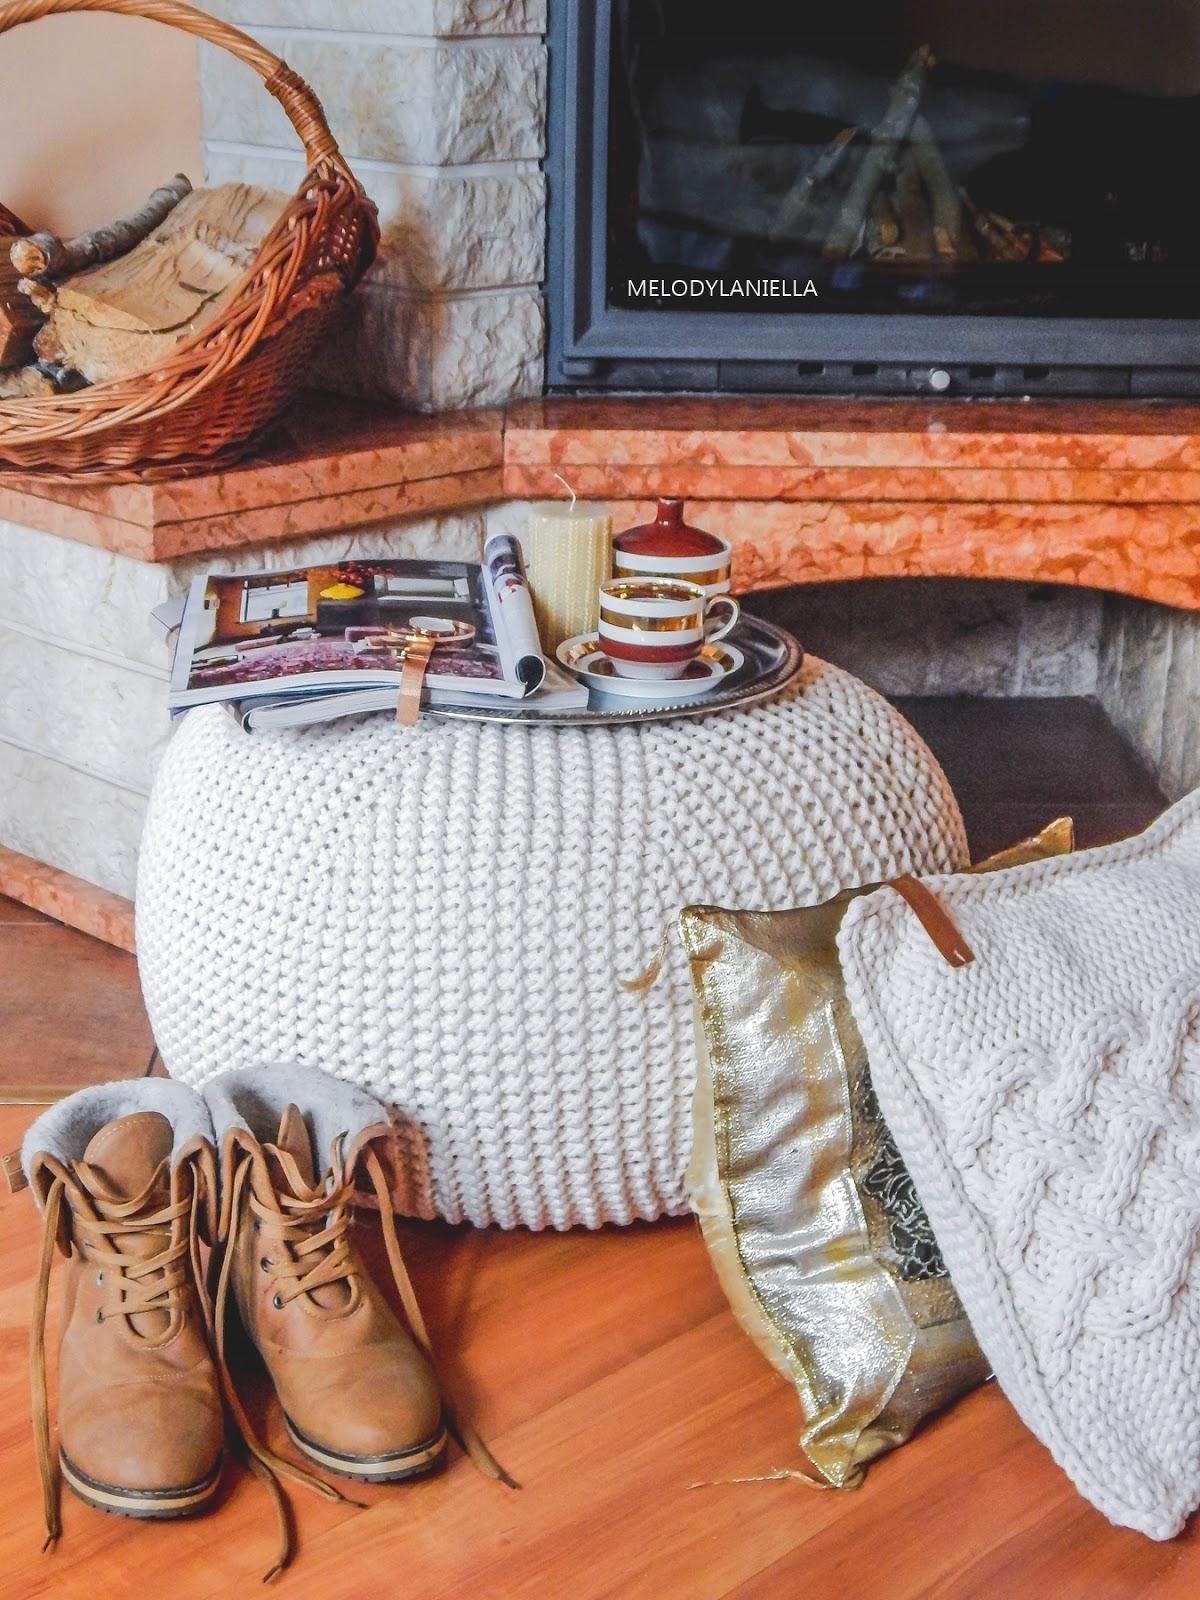 12 filo loop pomysł na biznes iwona trocka pufy poduszki warsztaty handmade robienia na drutach pledy koce shoper bag ze sznurka pomysł na prezent wystrój wnętrz design dodatki do mieszkań i domów handmade